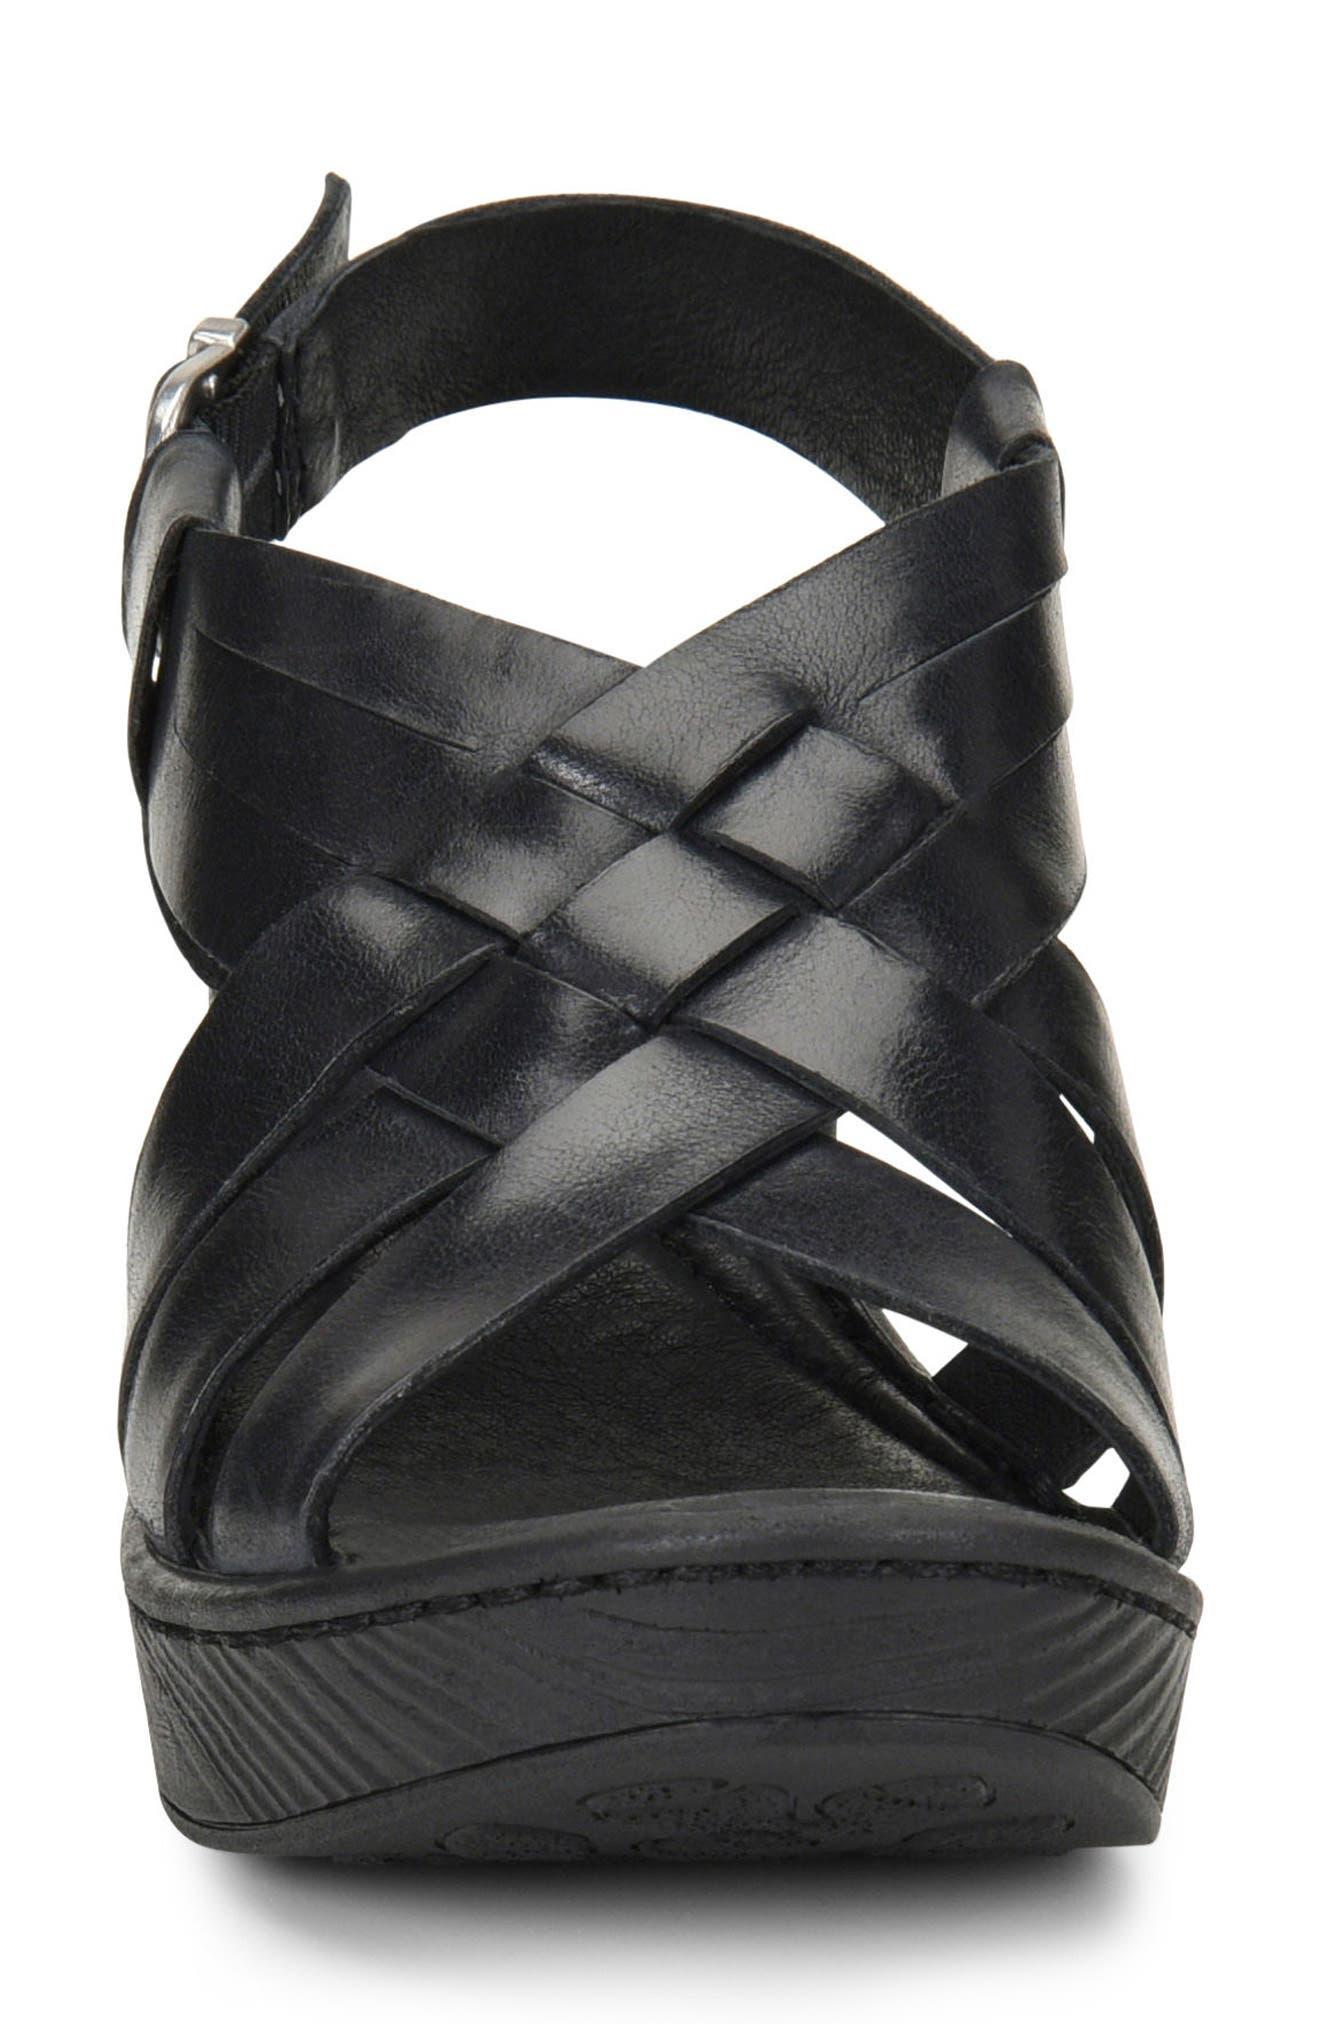 BØRN,                             Crevalle Platform Sandal,                             Alternate thumbnail 4, color,                             001